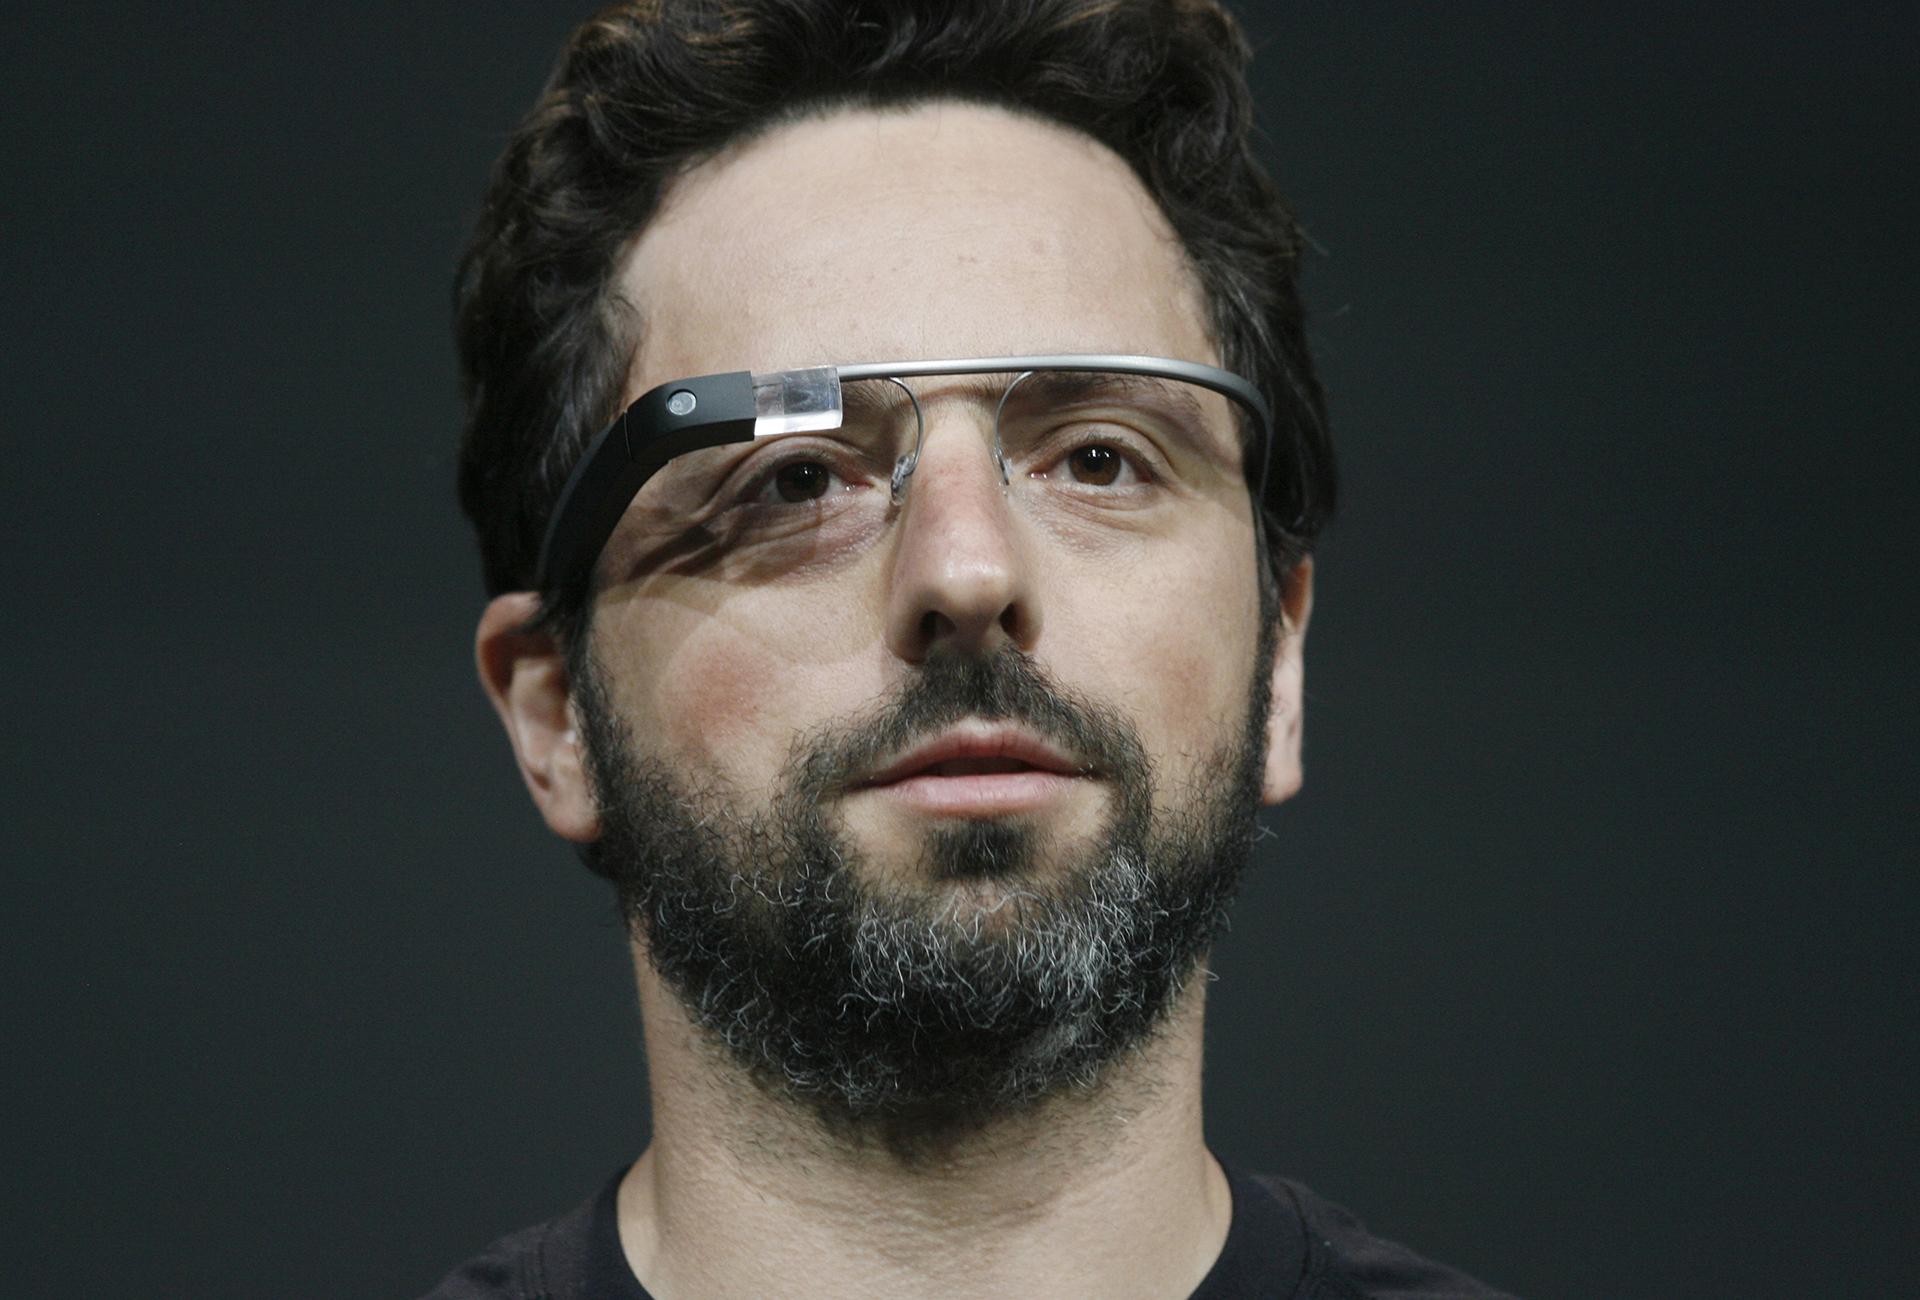 Сергей Брин демонстрирует очки Project Glass